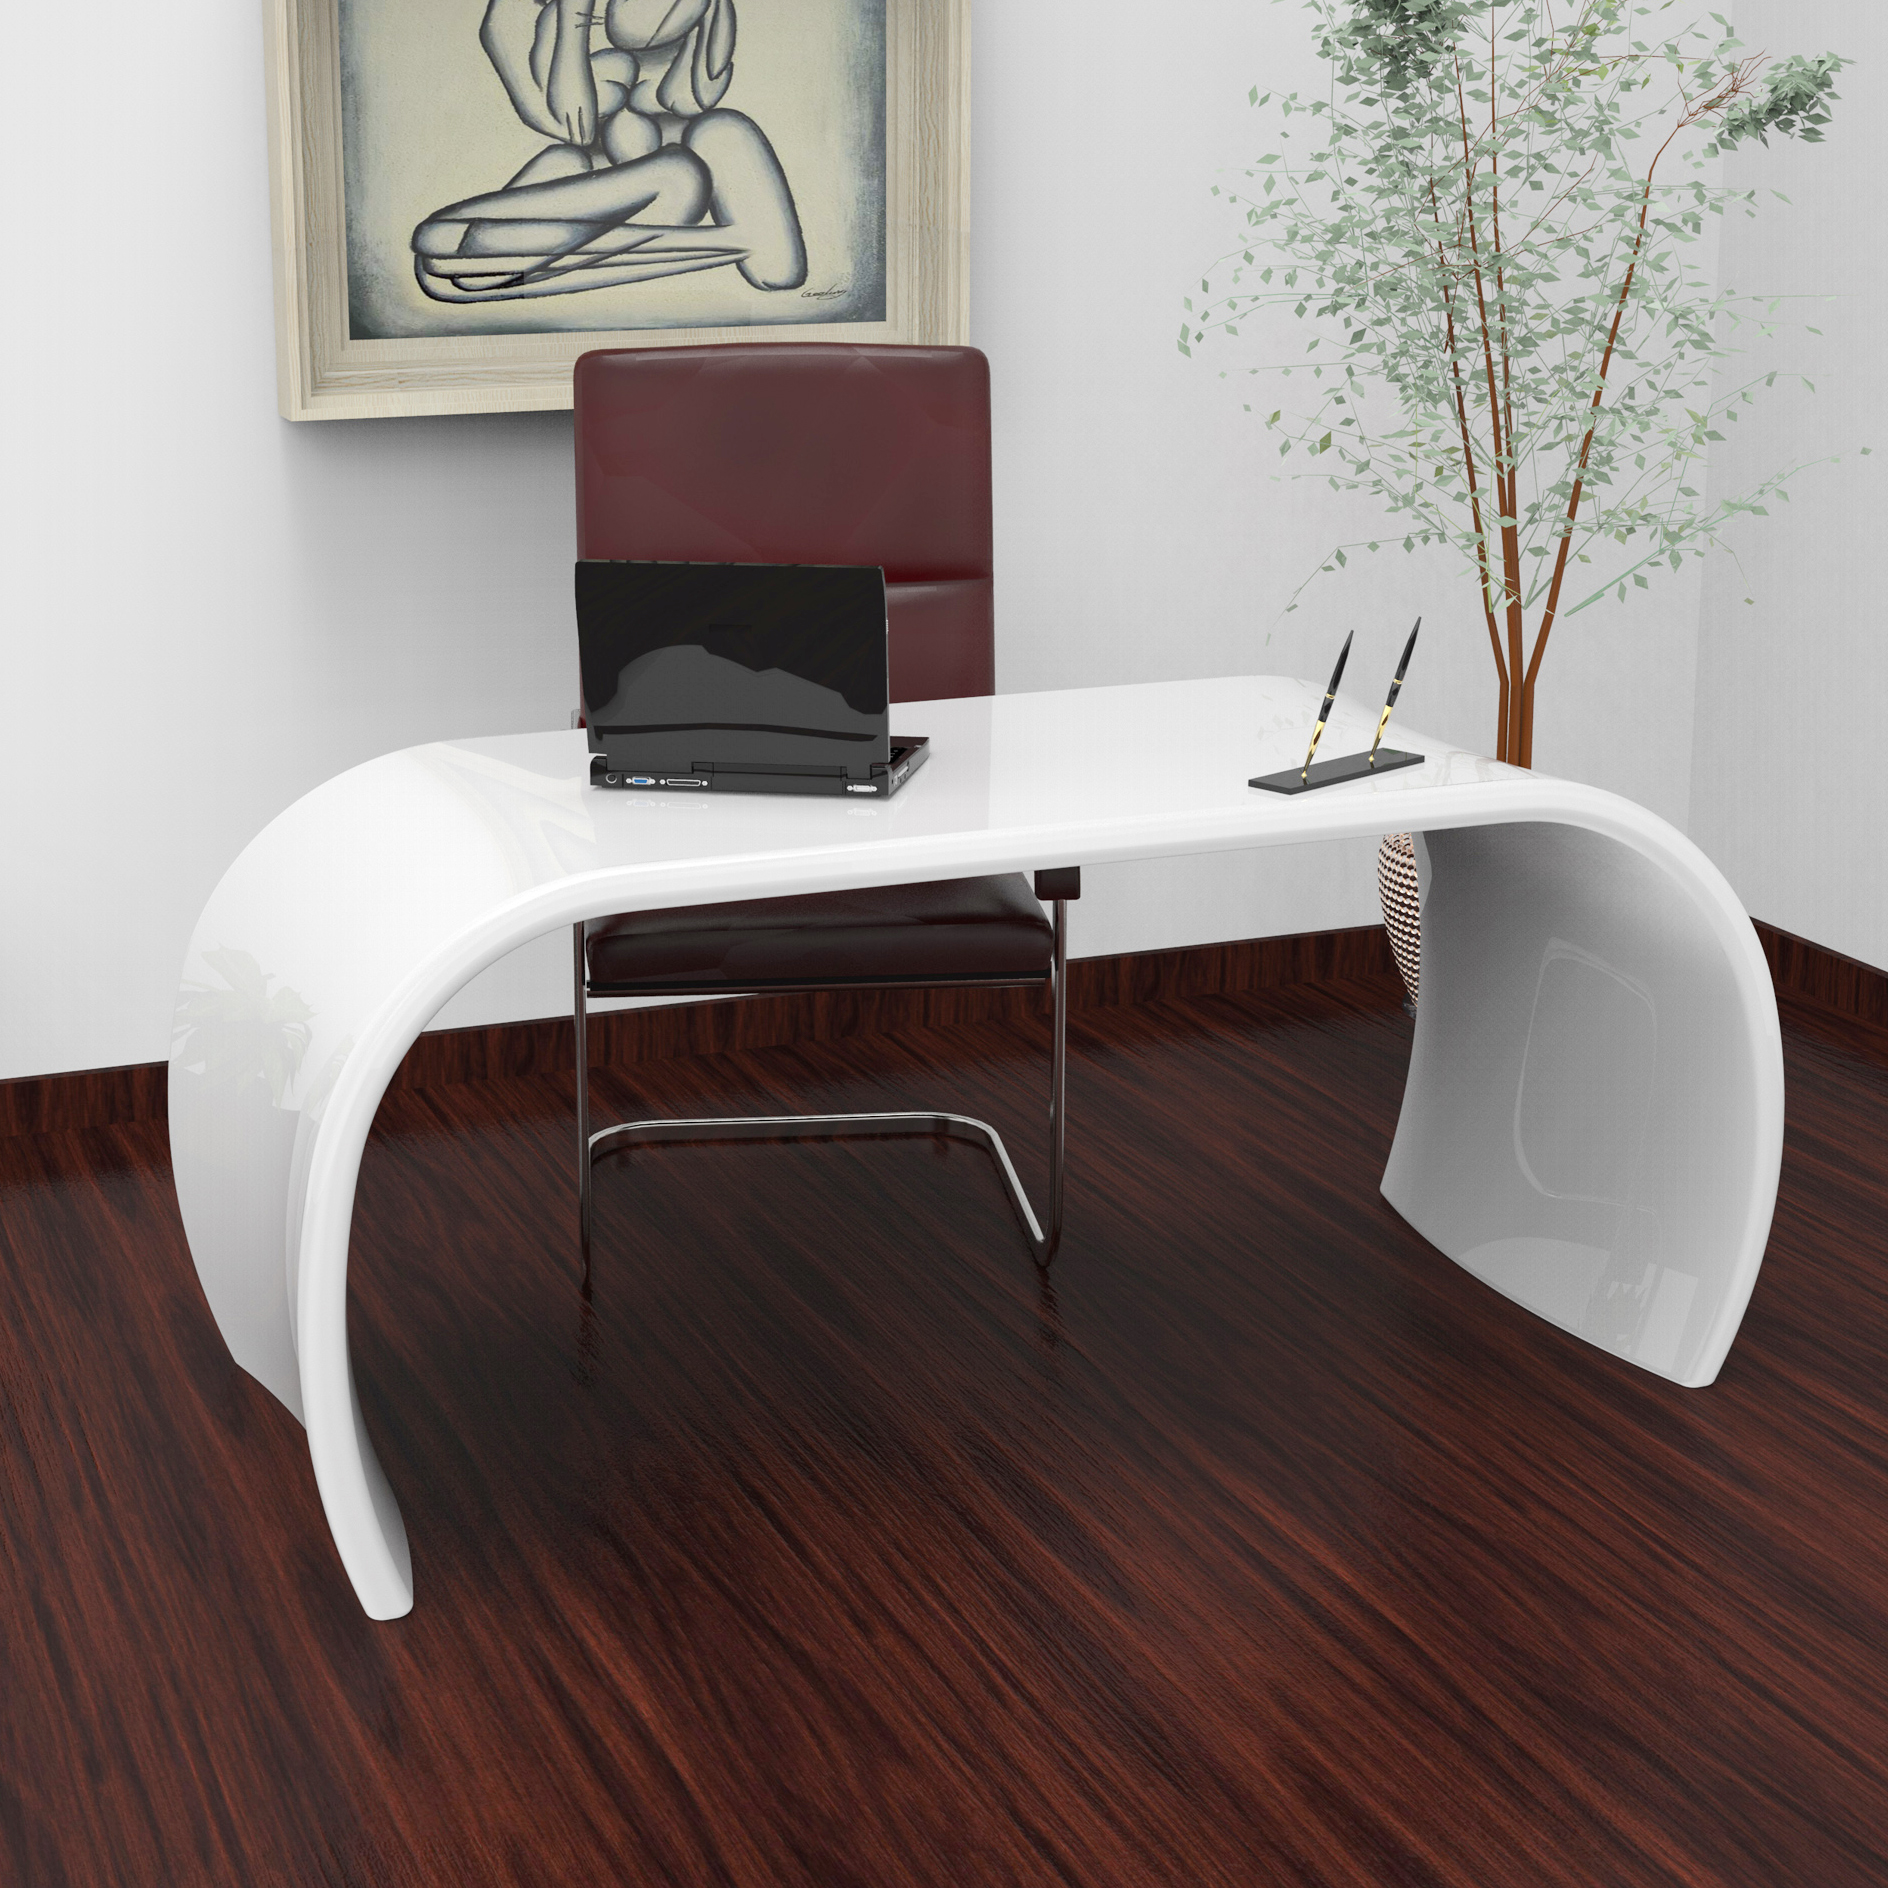 Ola tavoli e scrivanie zad zone of absolute design for Tavoli e scrivanie